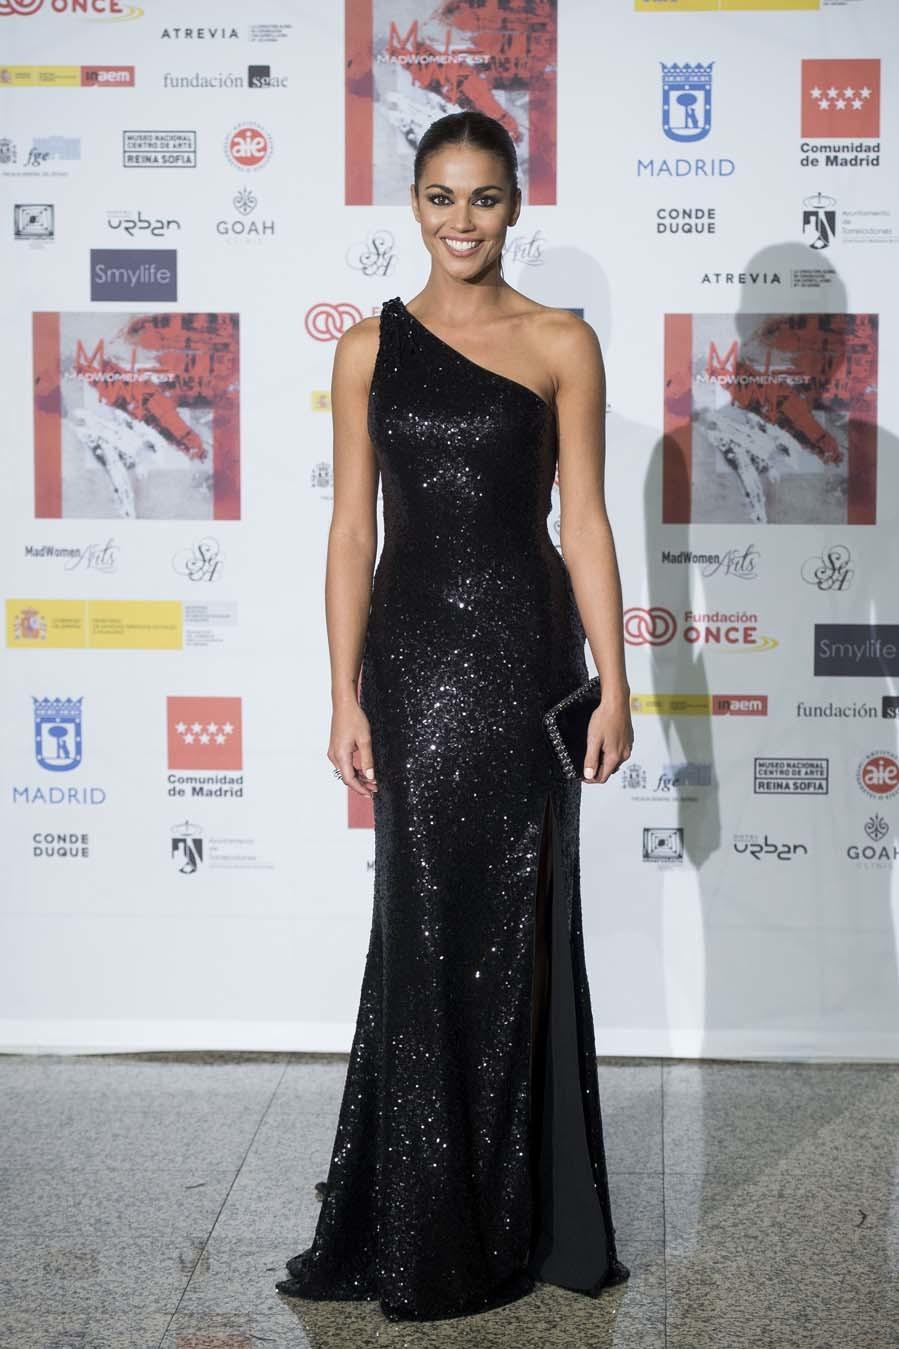 La presentadora, con vestido negro de lentejuelas de Pronovias y...